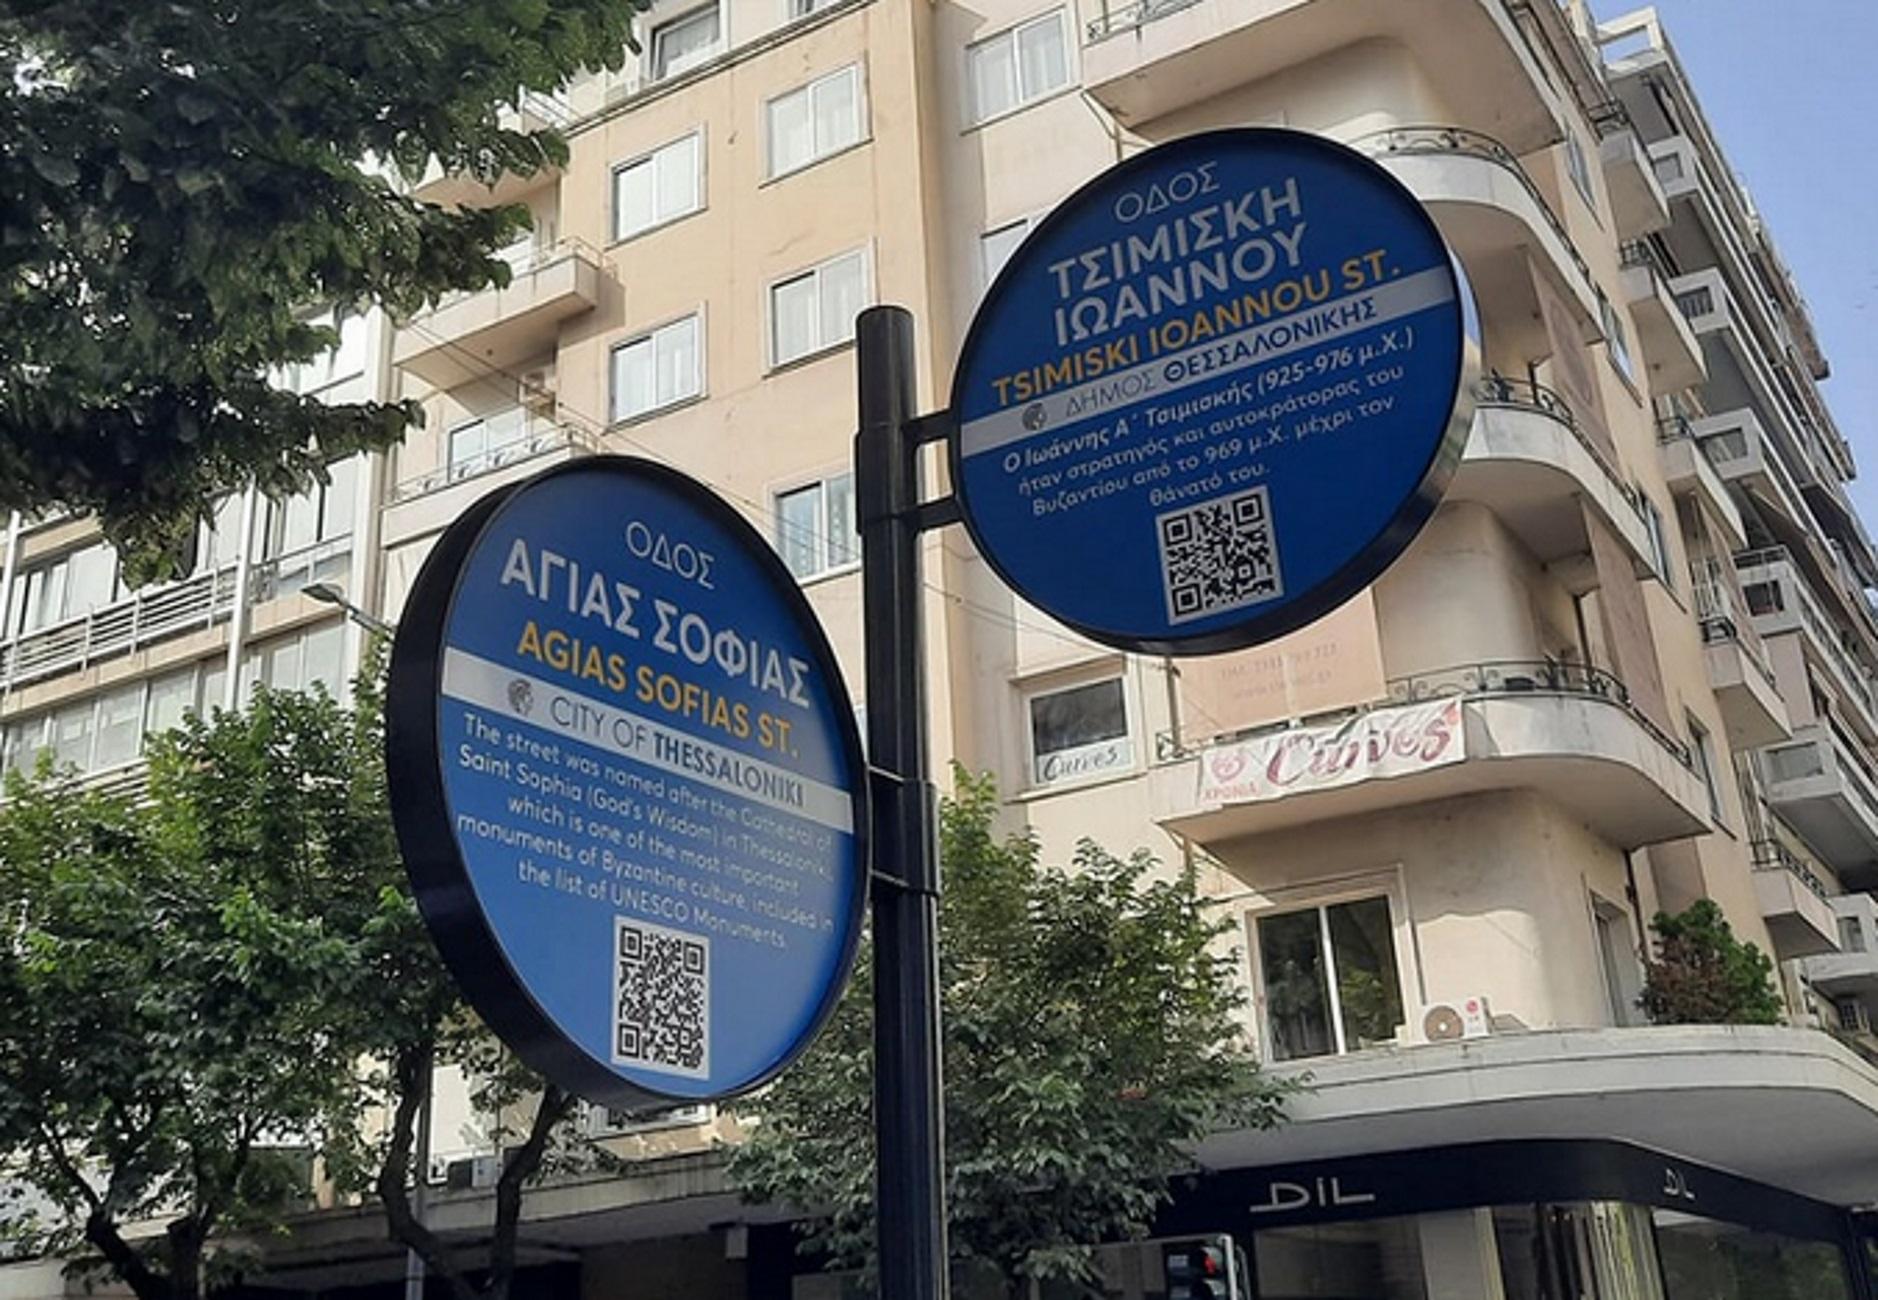 Θεσσαλονίκη: Έξυπνες πινακίδες που εκπλήσσουν ευχάριστα – Δείτε πώς δικαιολογούν την ονομασία τους